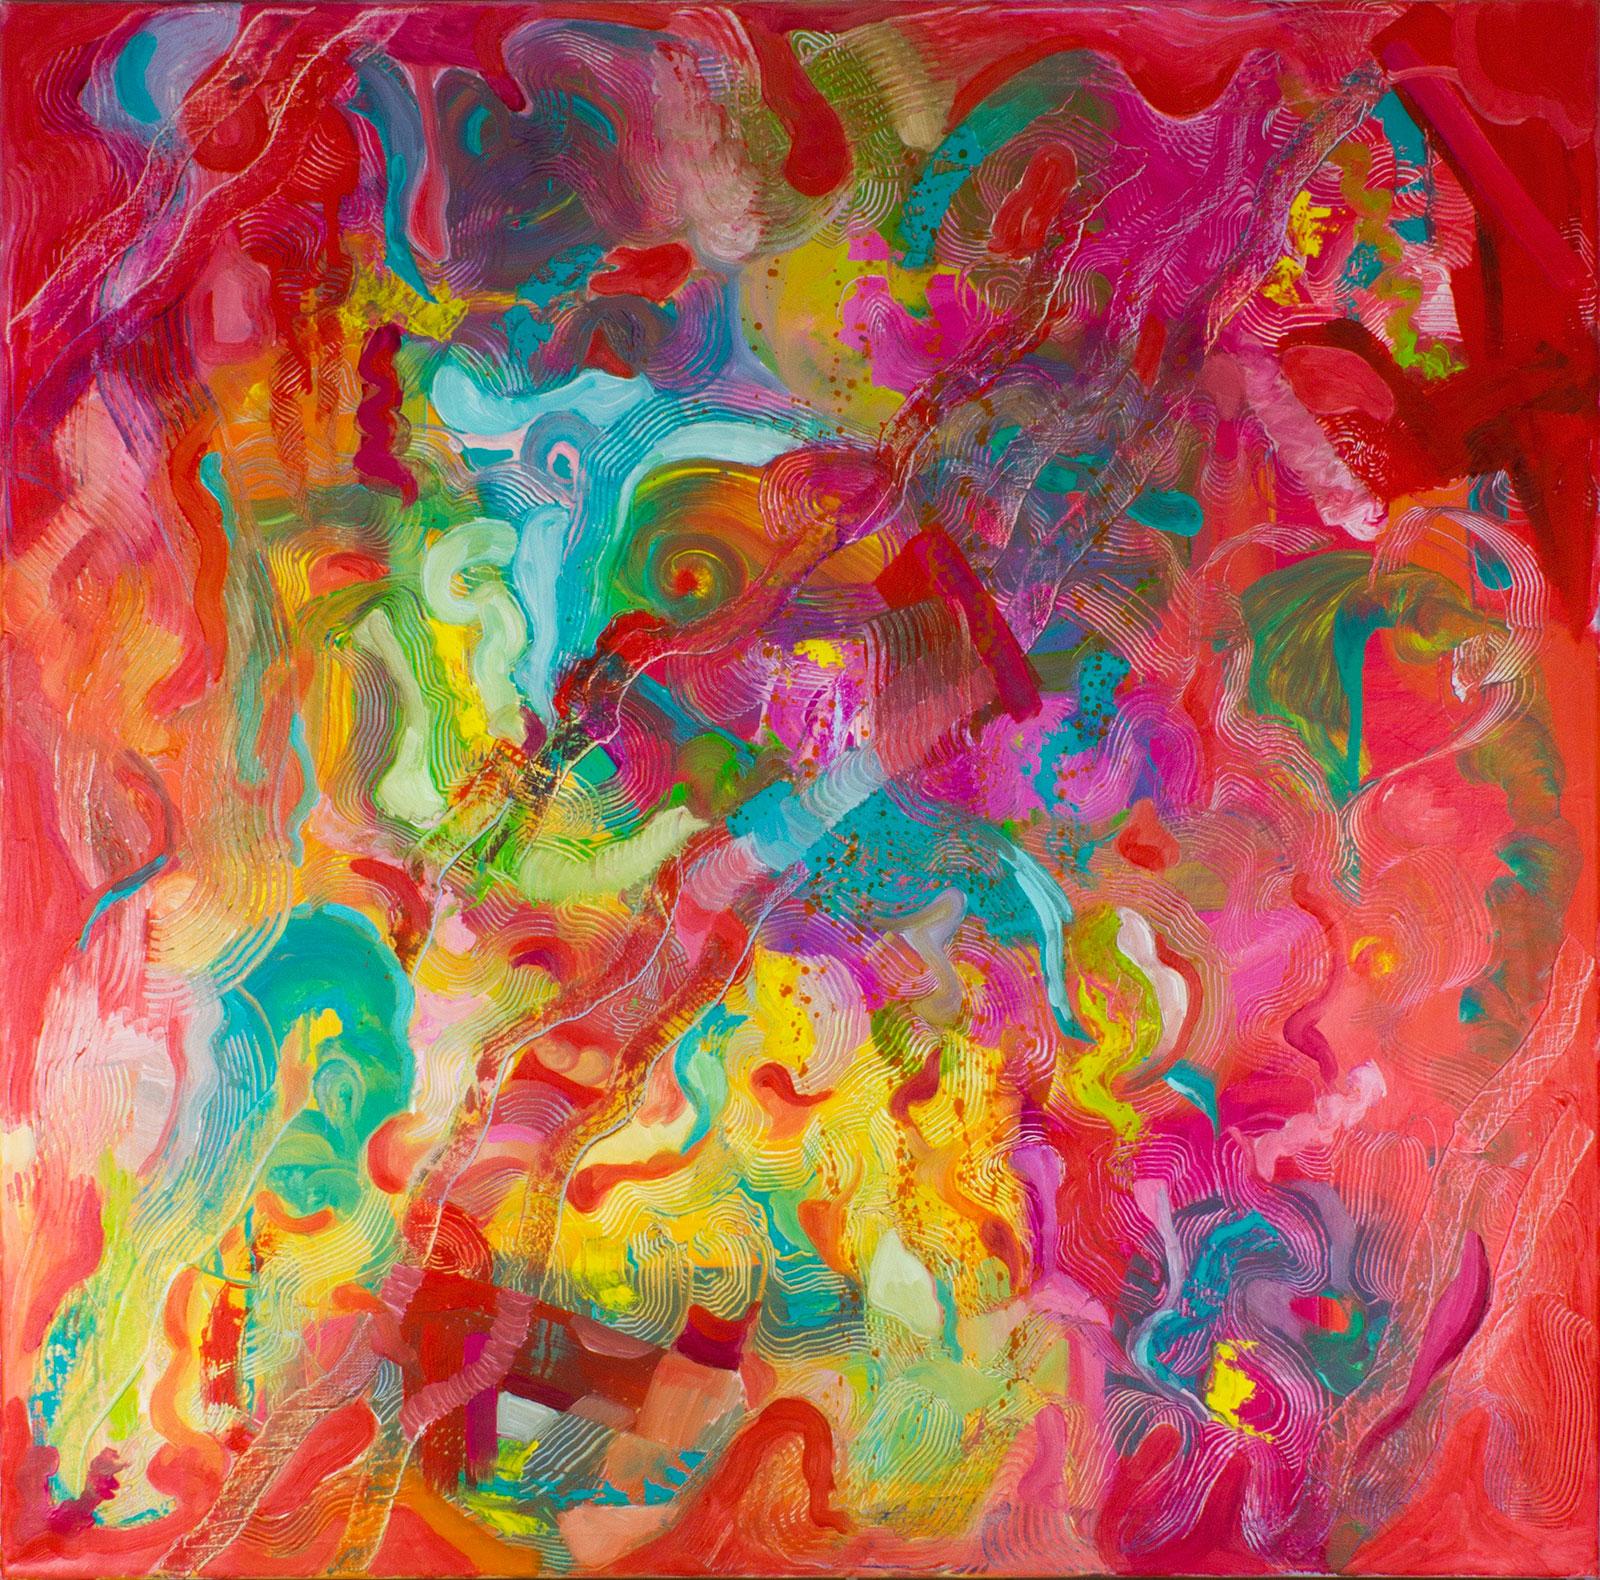 BLUE DEER, Sally Friend, Artist